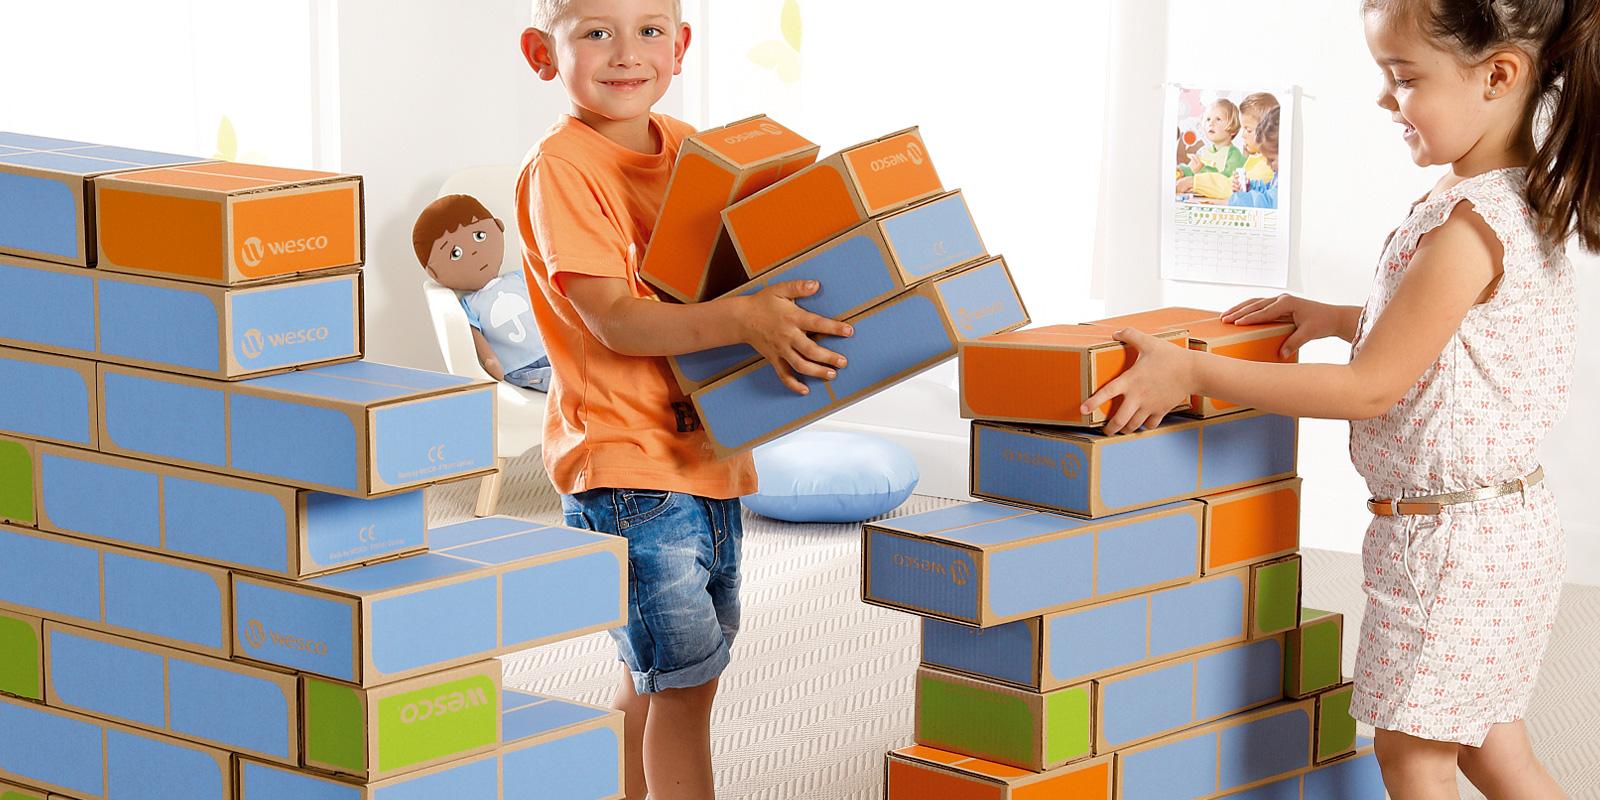 Choisir le jeu de construction pour votre enfant de 21 mois, 18 mois, 3 ans, 6 ans avec Wesco